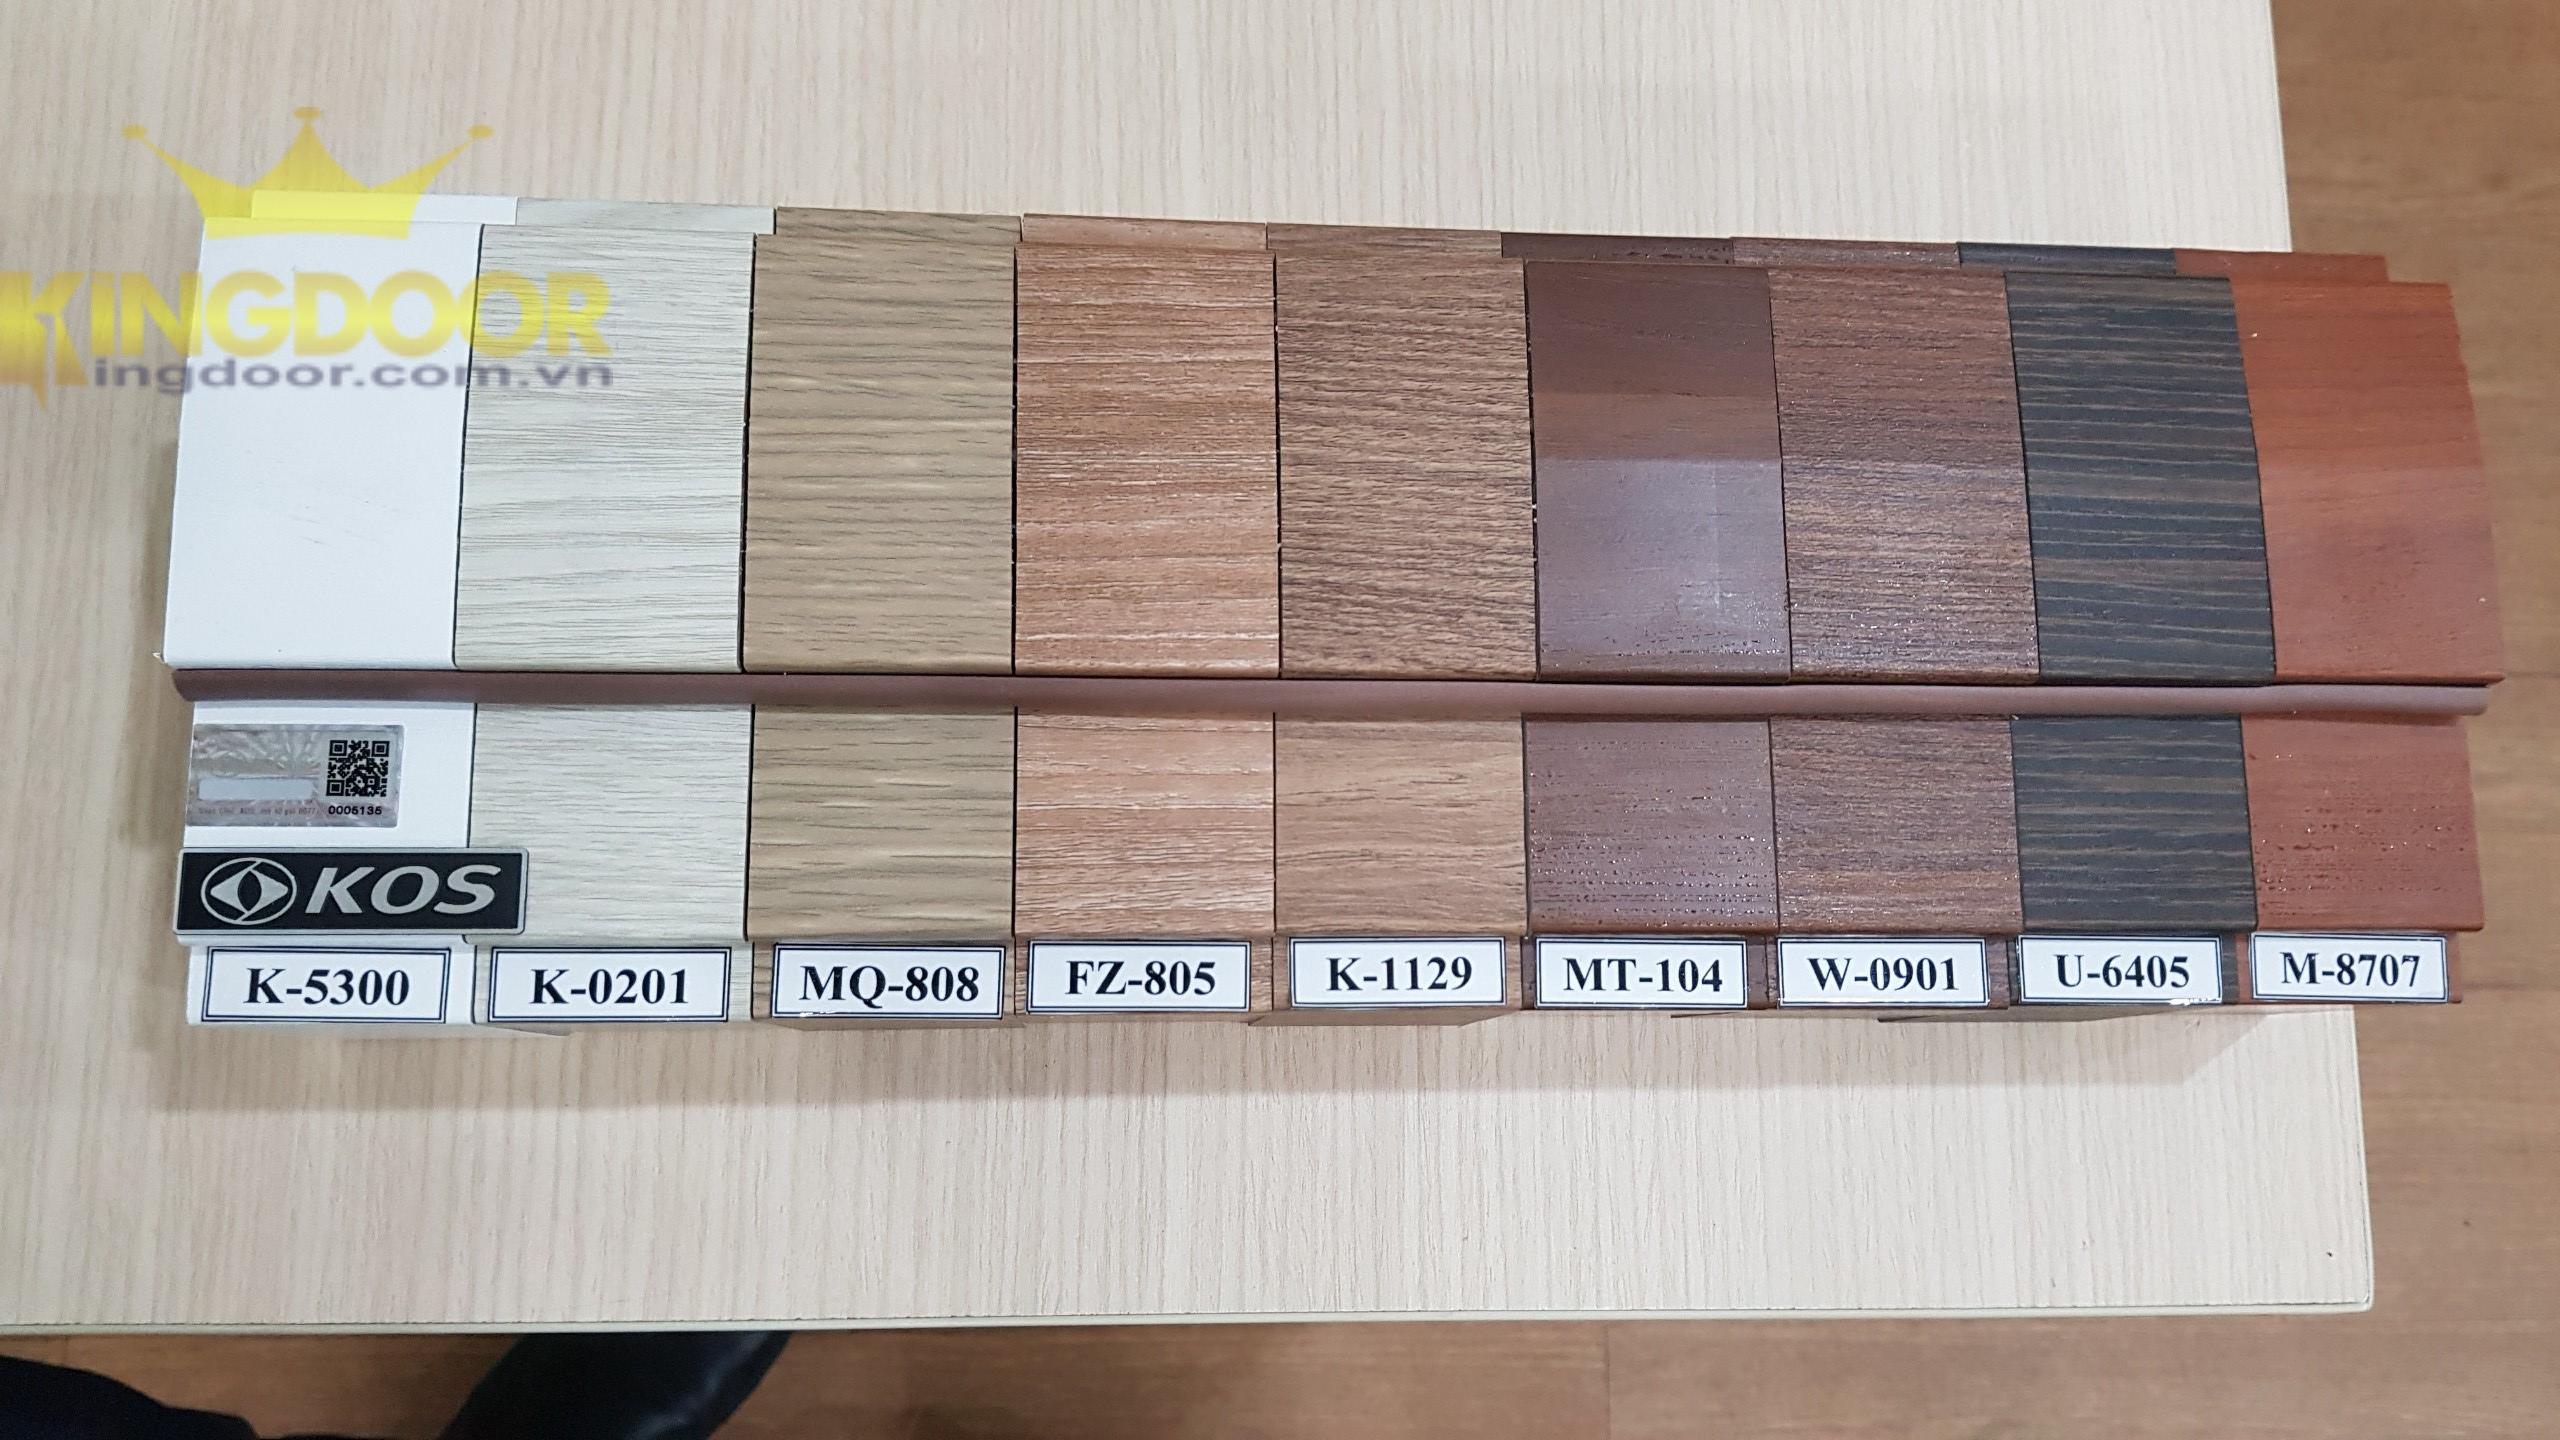 Bảng màu của cửa nhựa ABS Hàn Quốc.